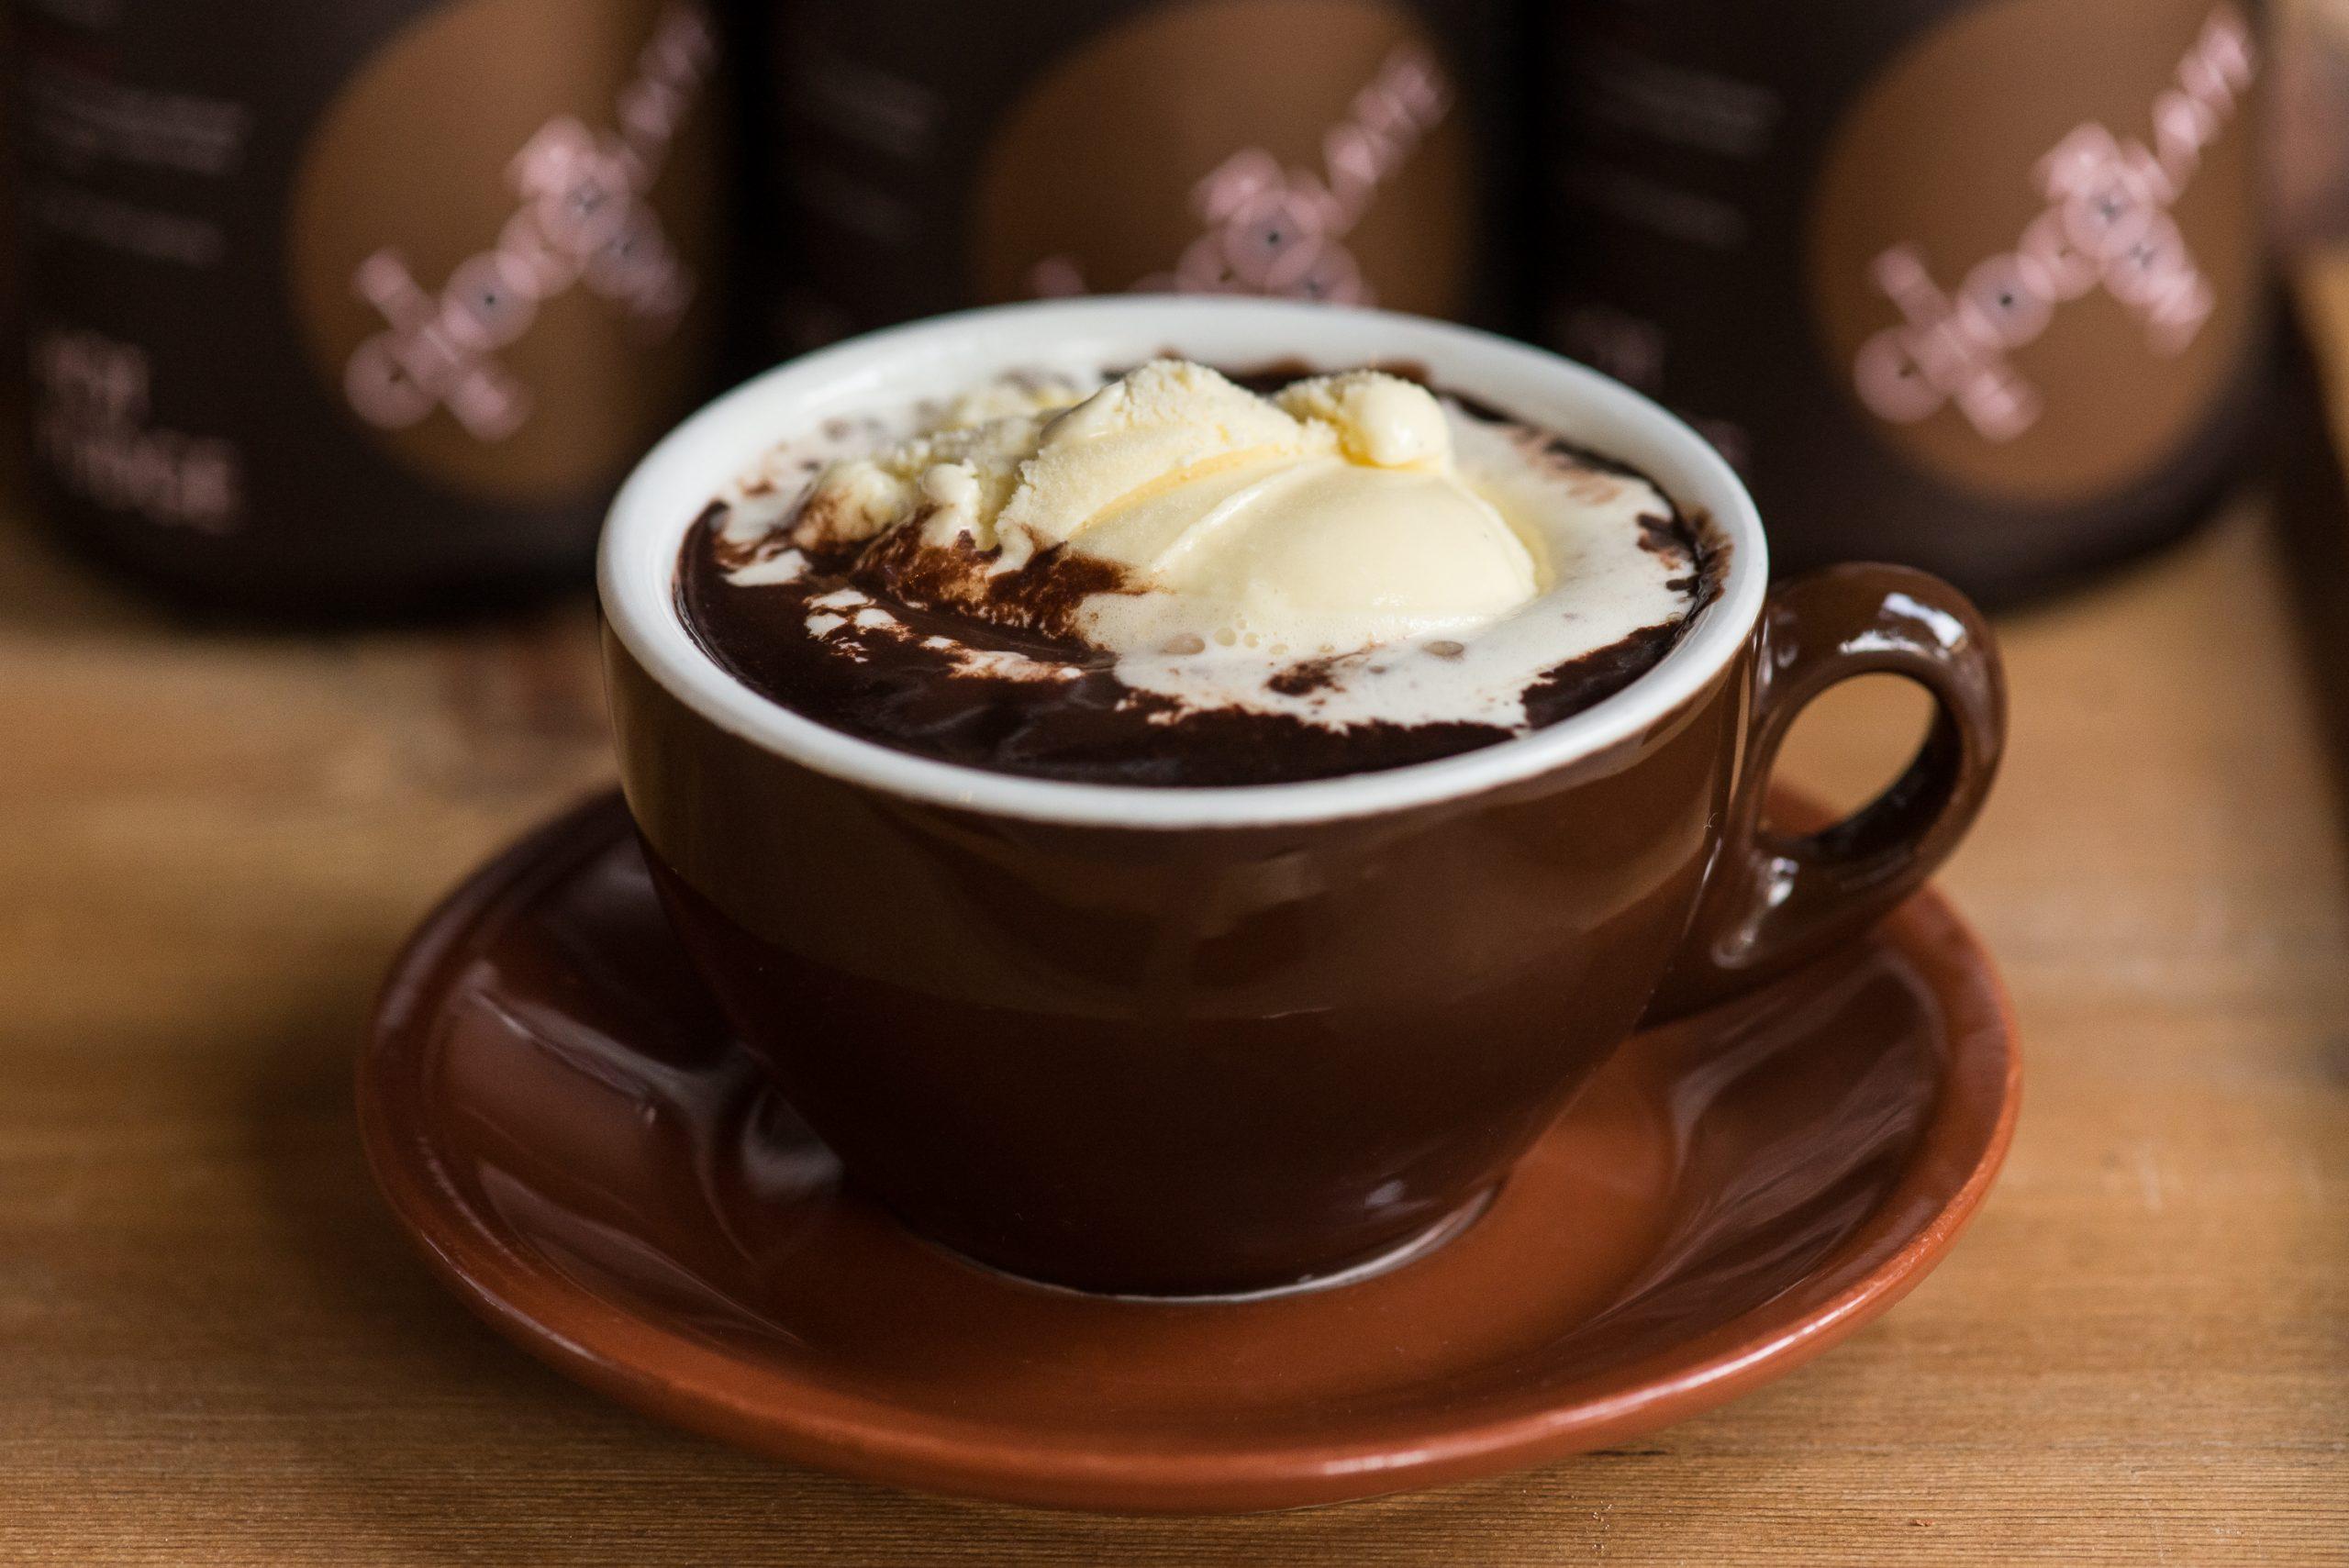 Фото шоколад с мороженым.